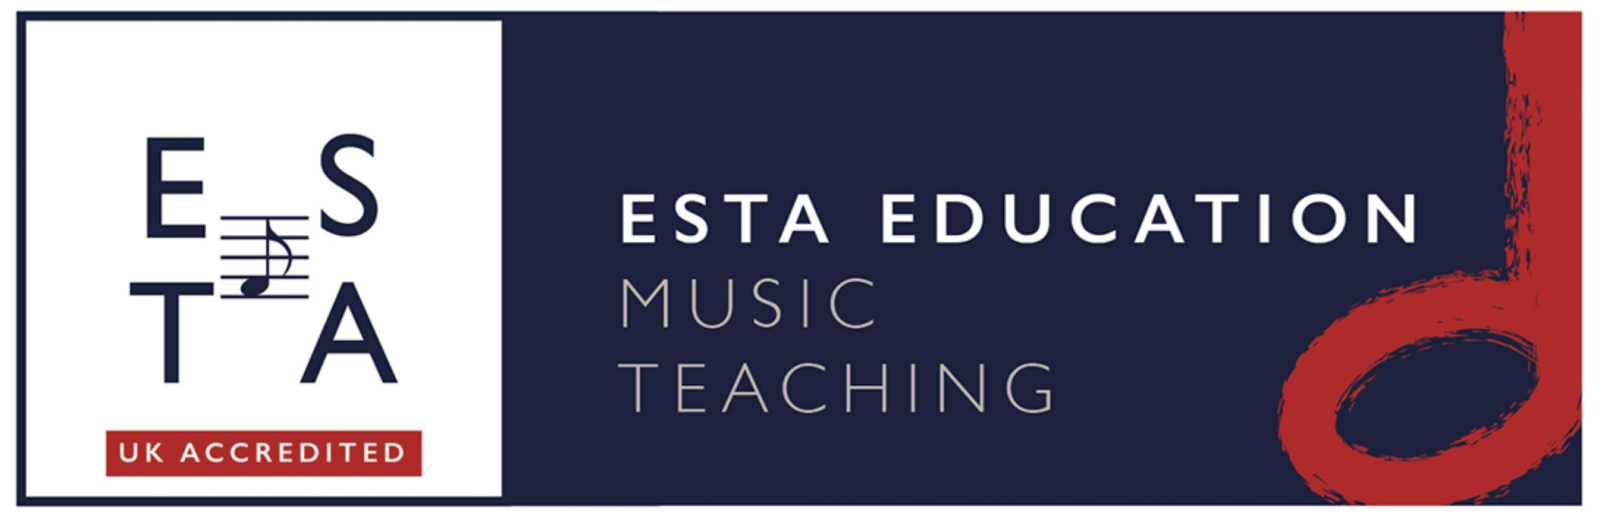 ESTA PG course